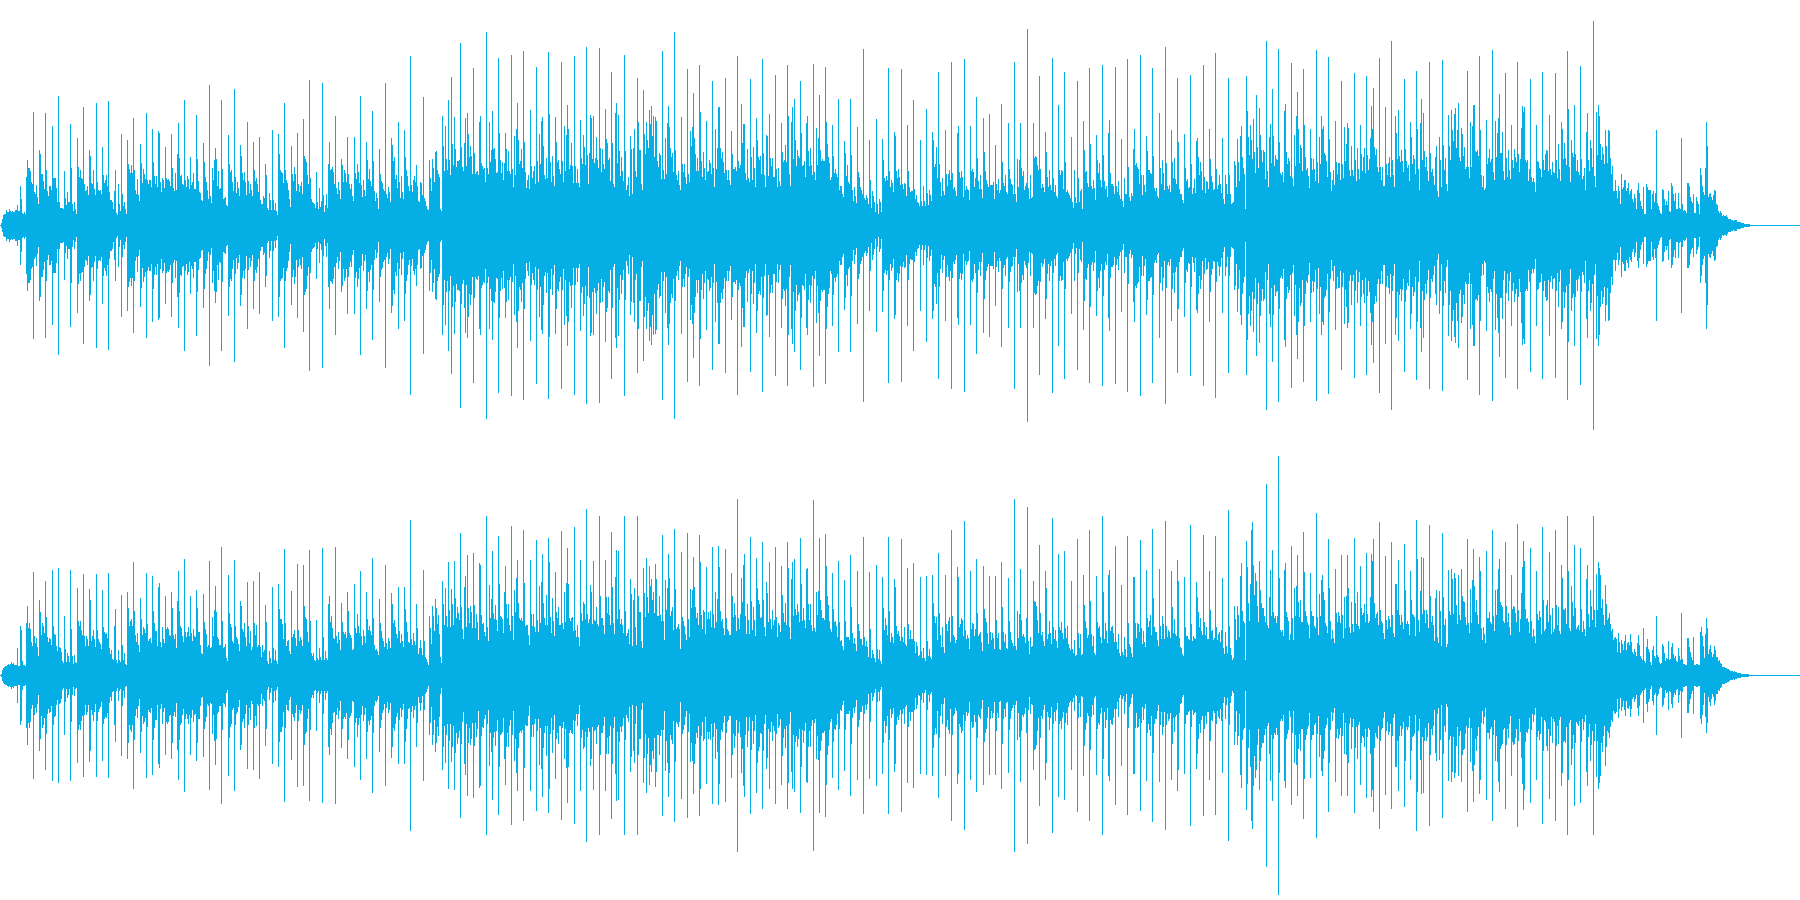 入場用ニューミュージック風バラードの再生済みの波形